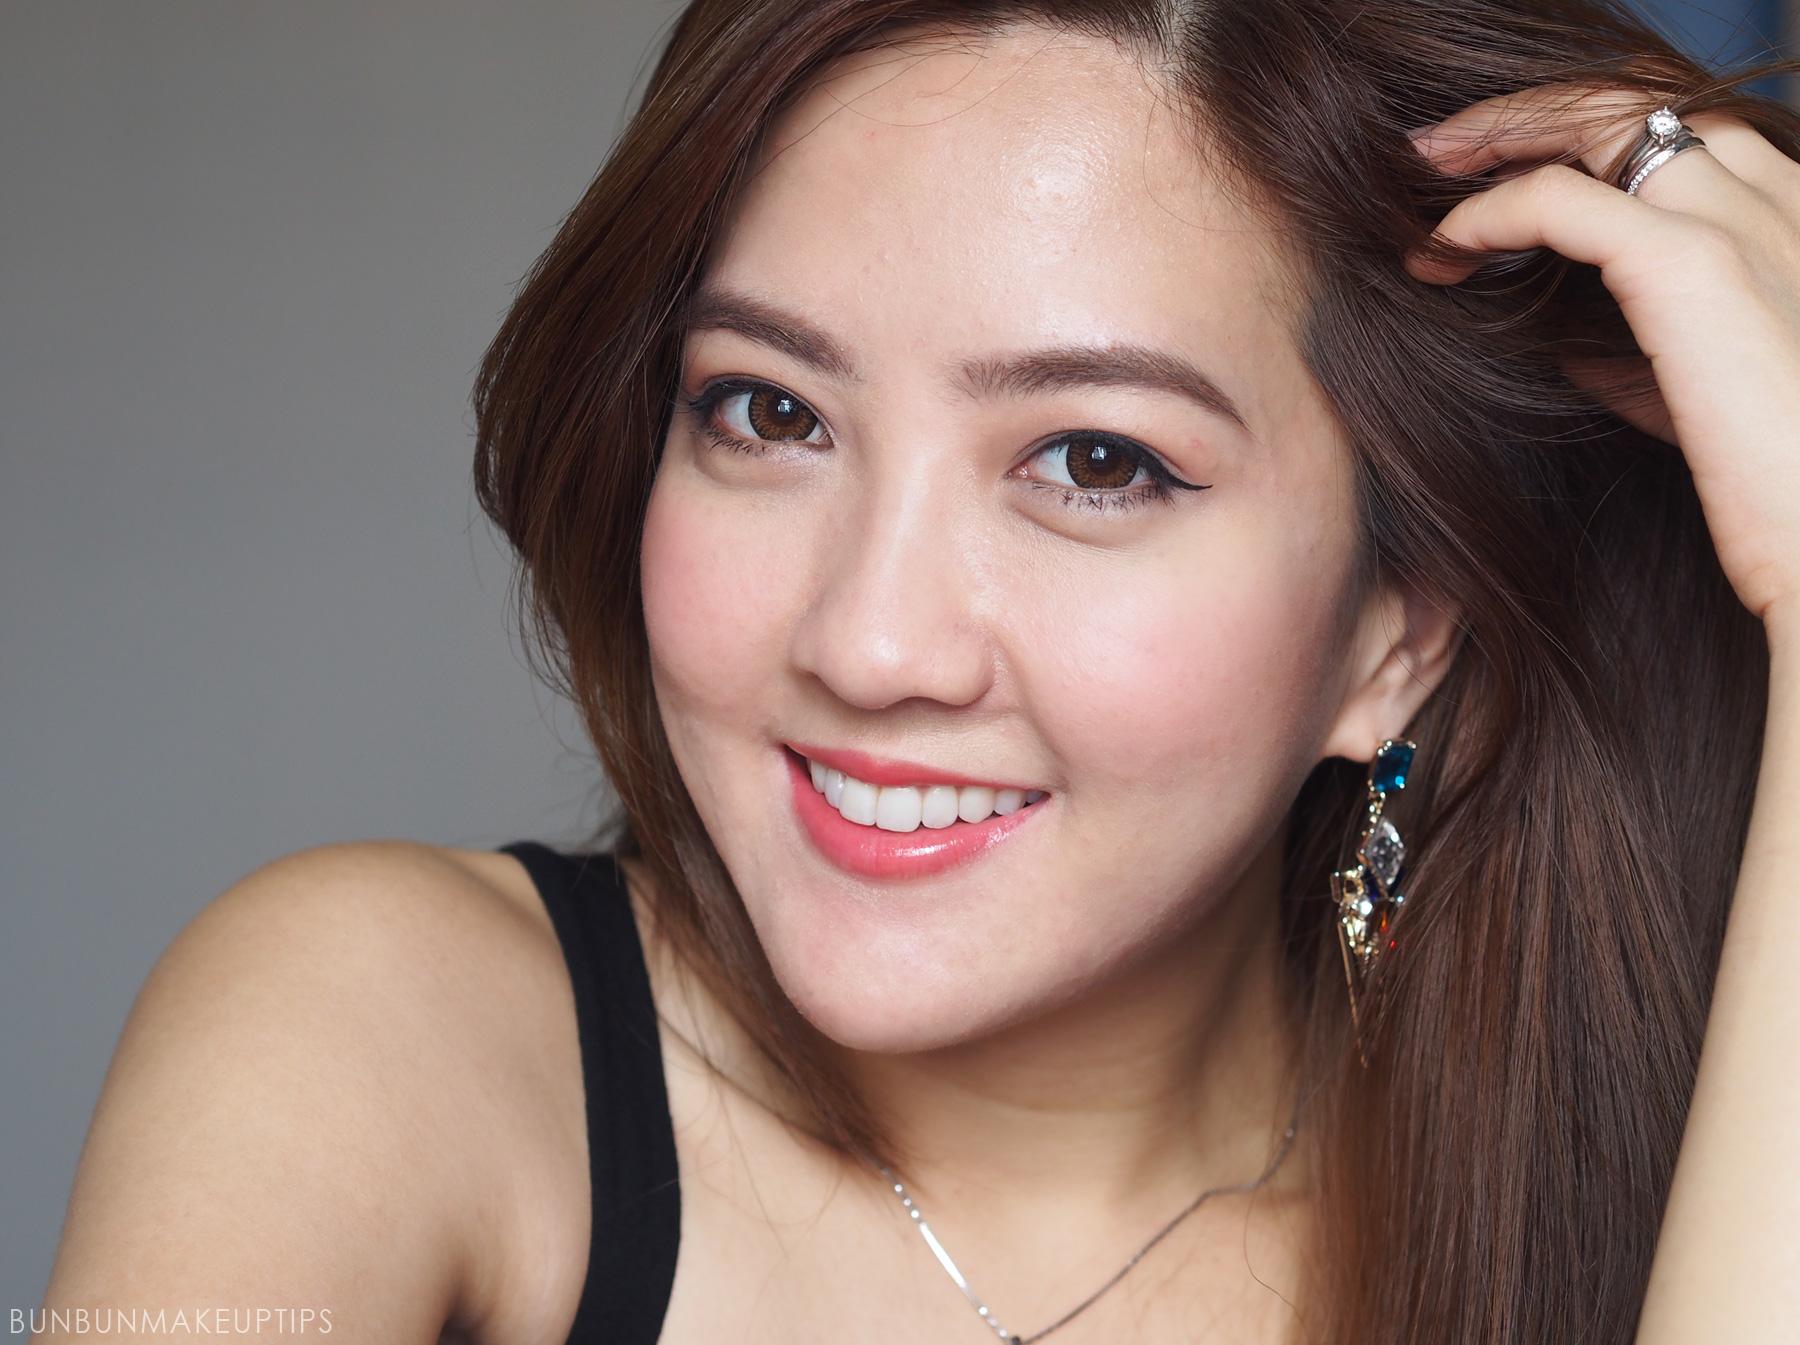 Kate-Super-Sharp-Liner,-Quick-Eyeliner,-Slim-Gel-Pencil-Review_7